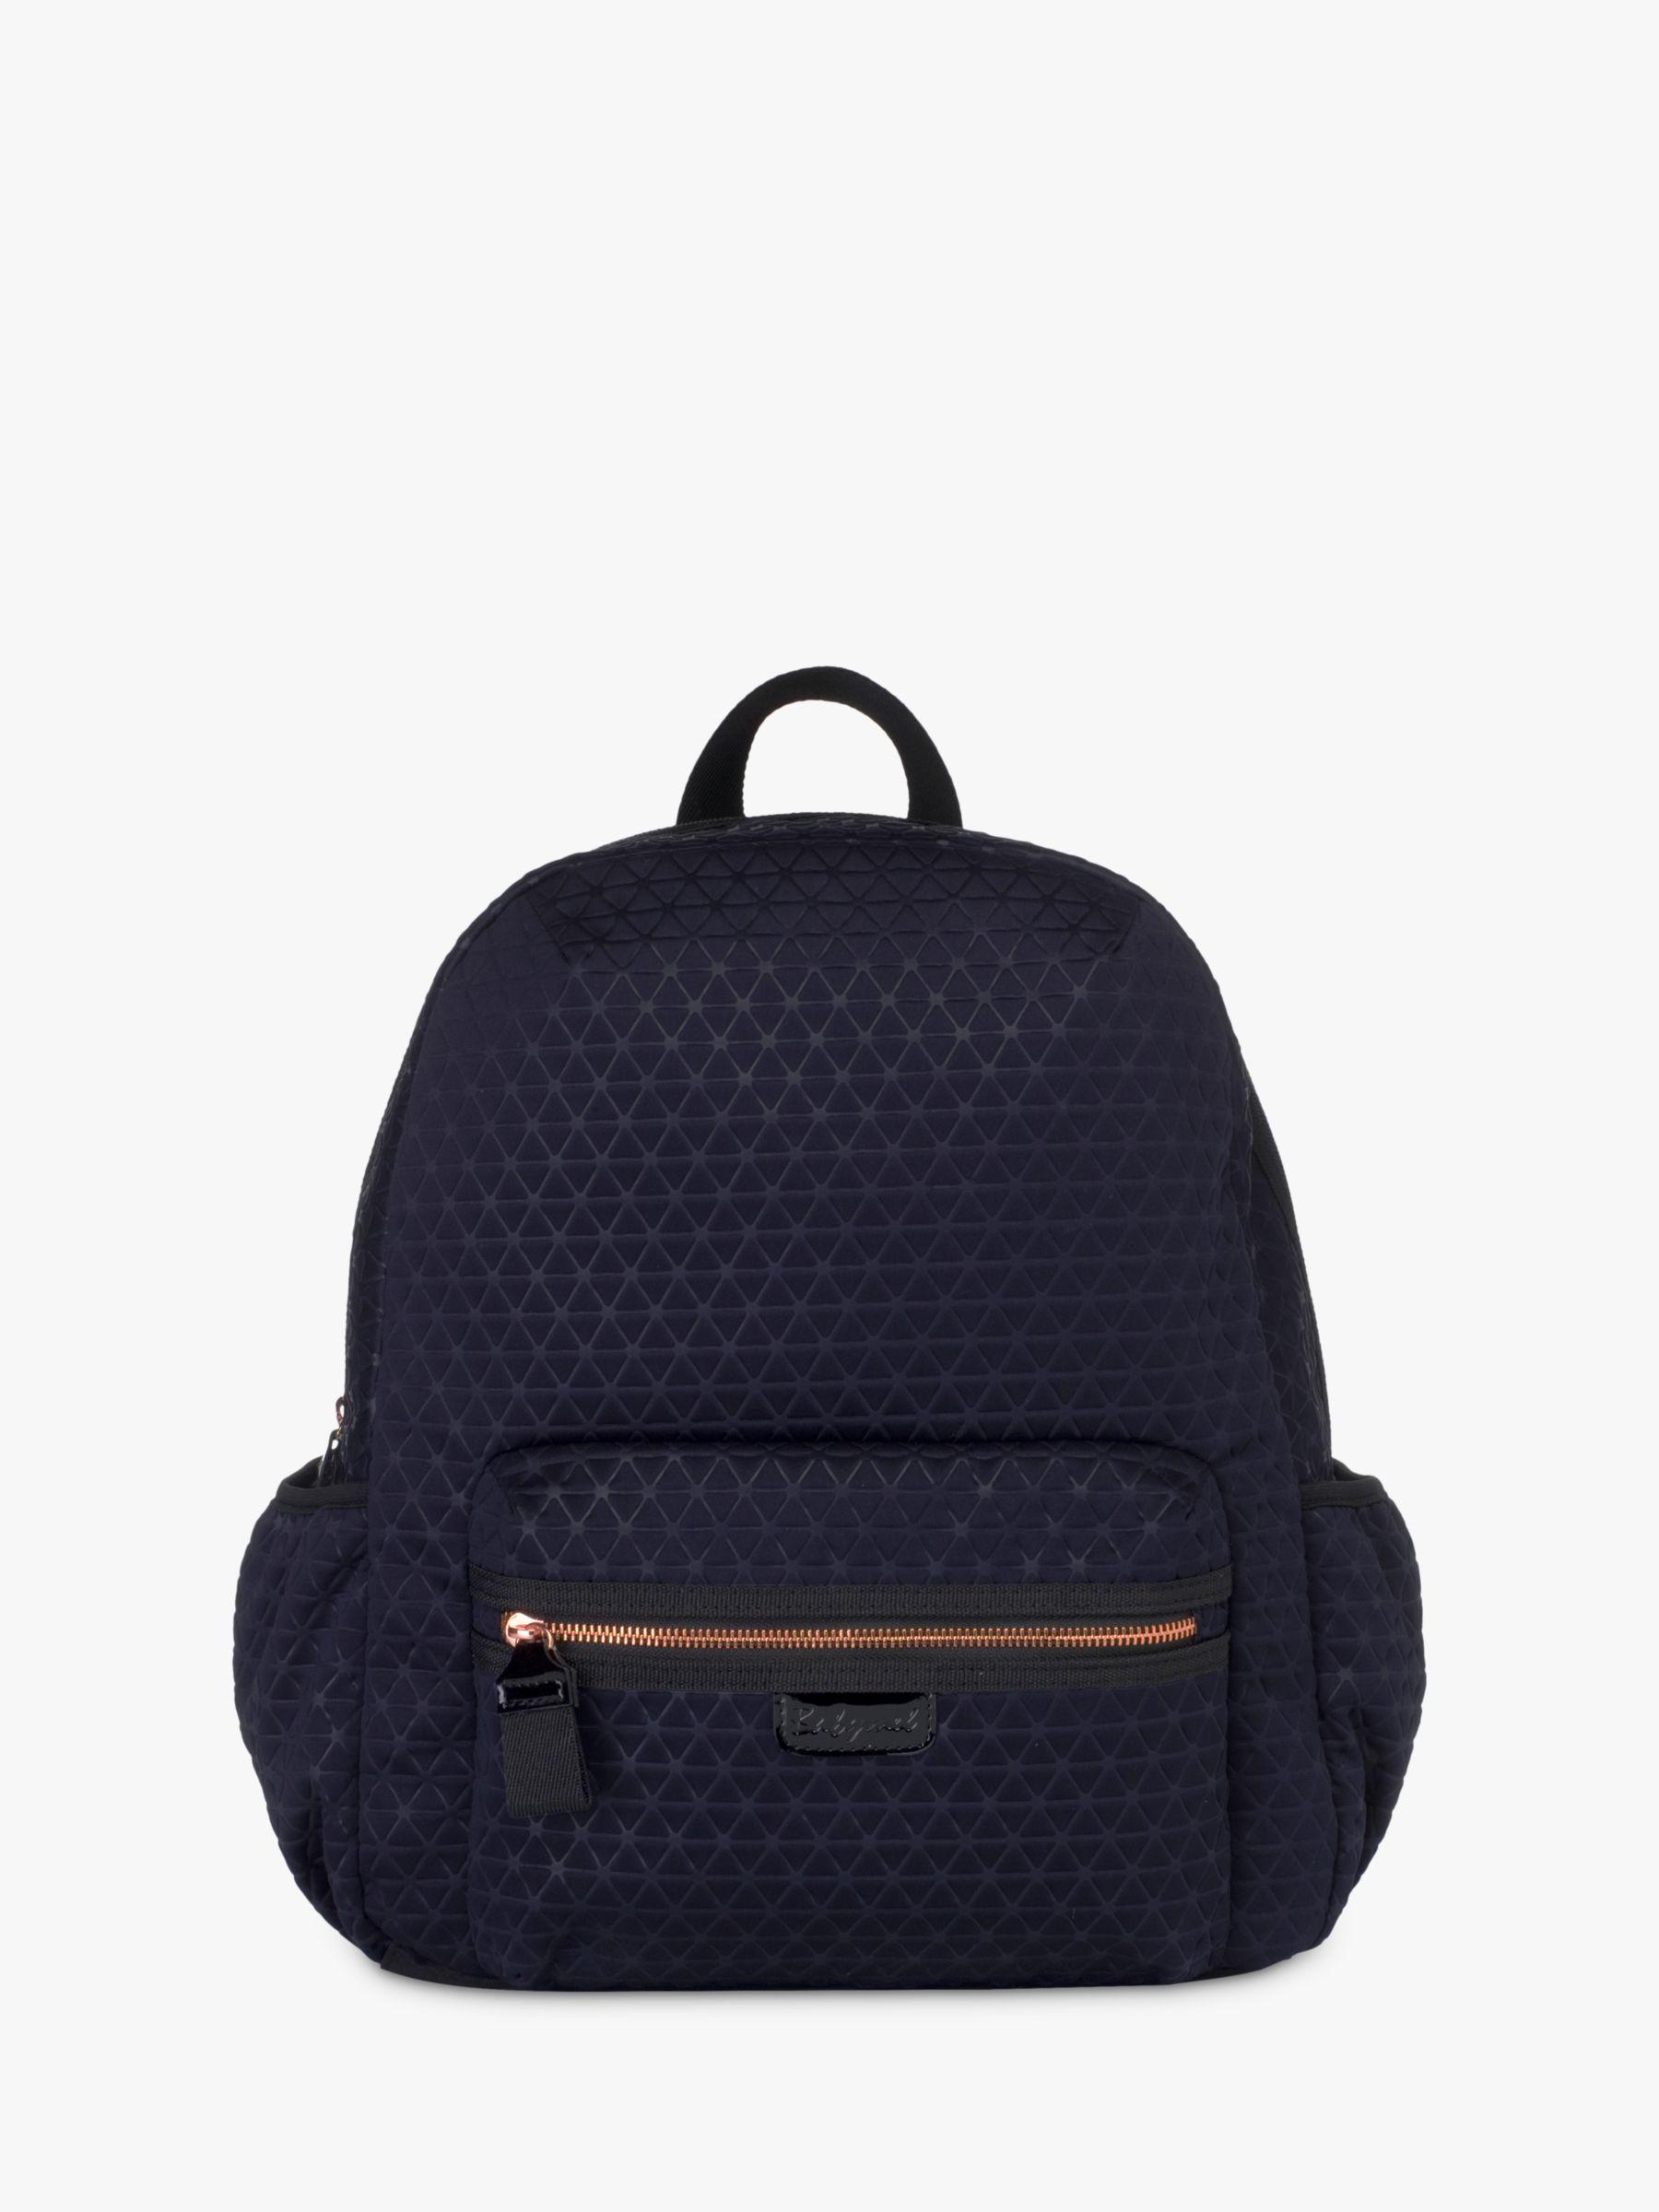 Babymel Babymel Luna Ultra-Light Backpack Changing Bag, Navy Scuba